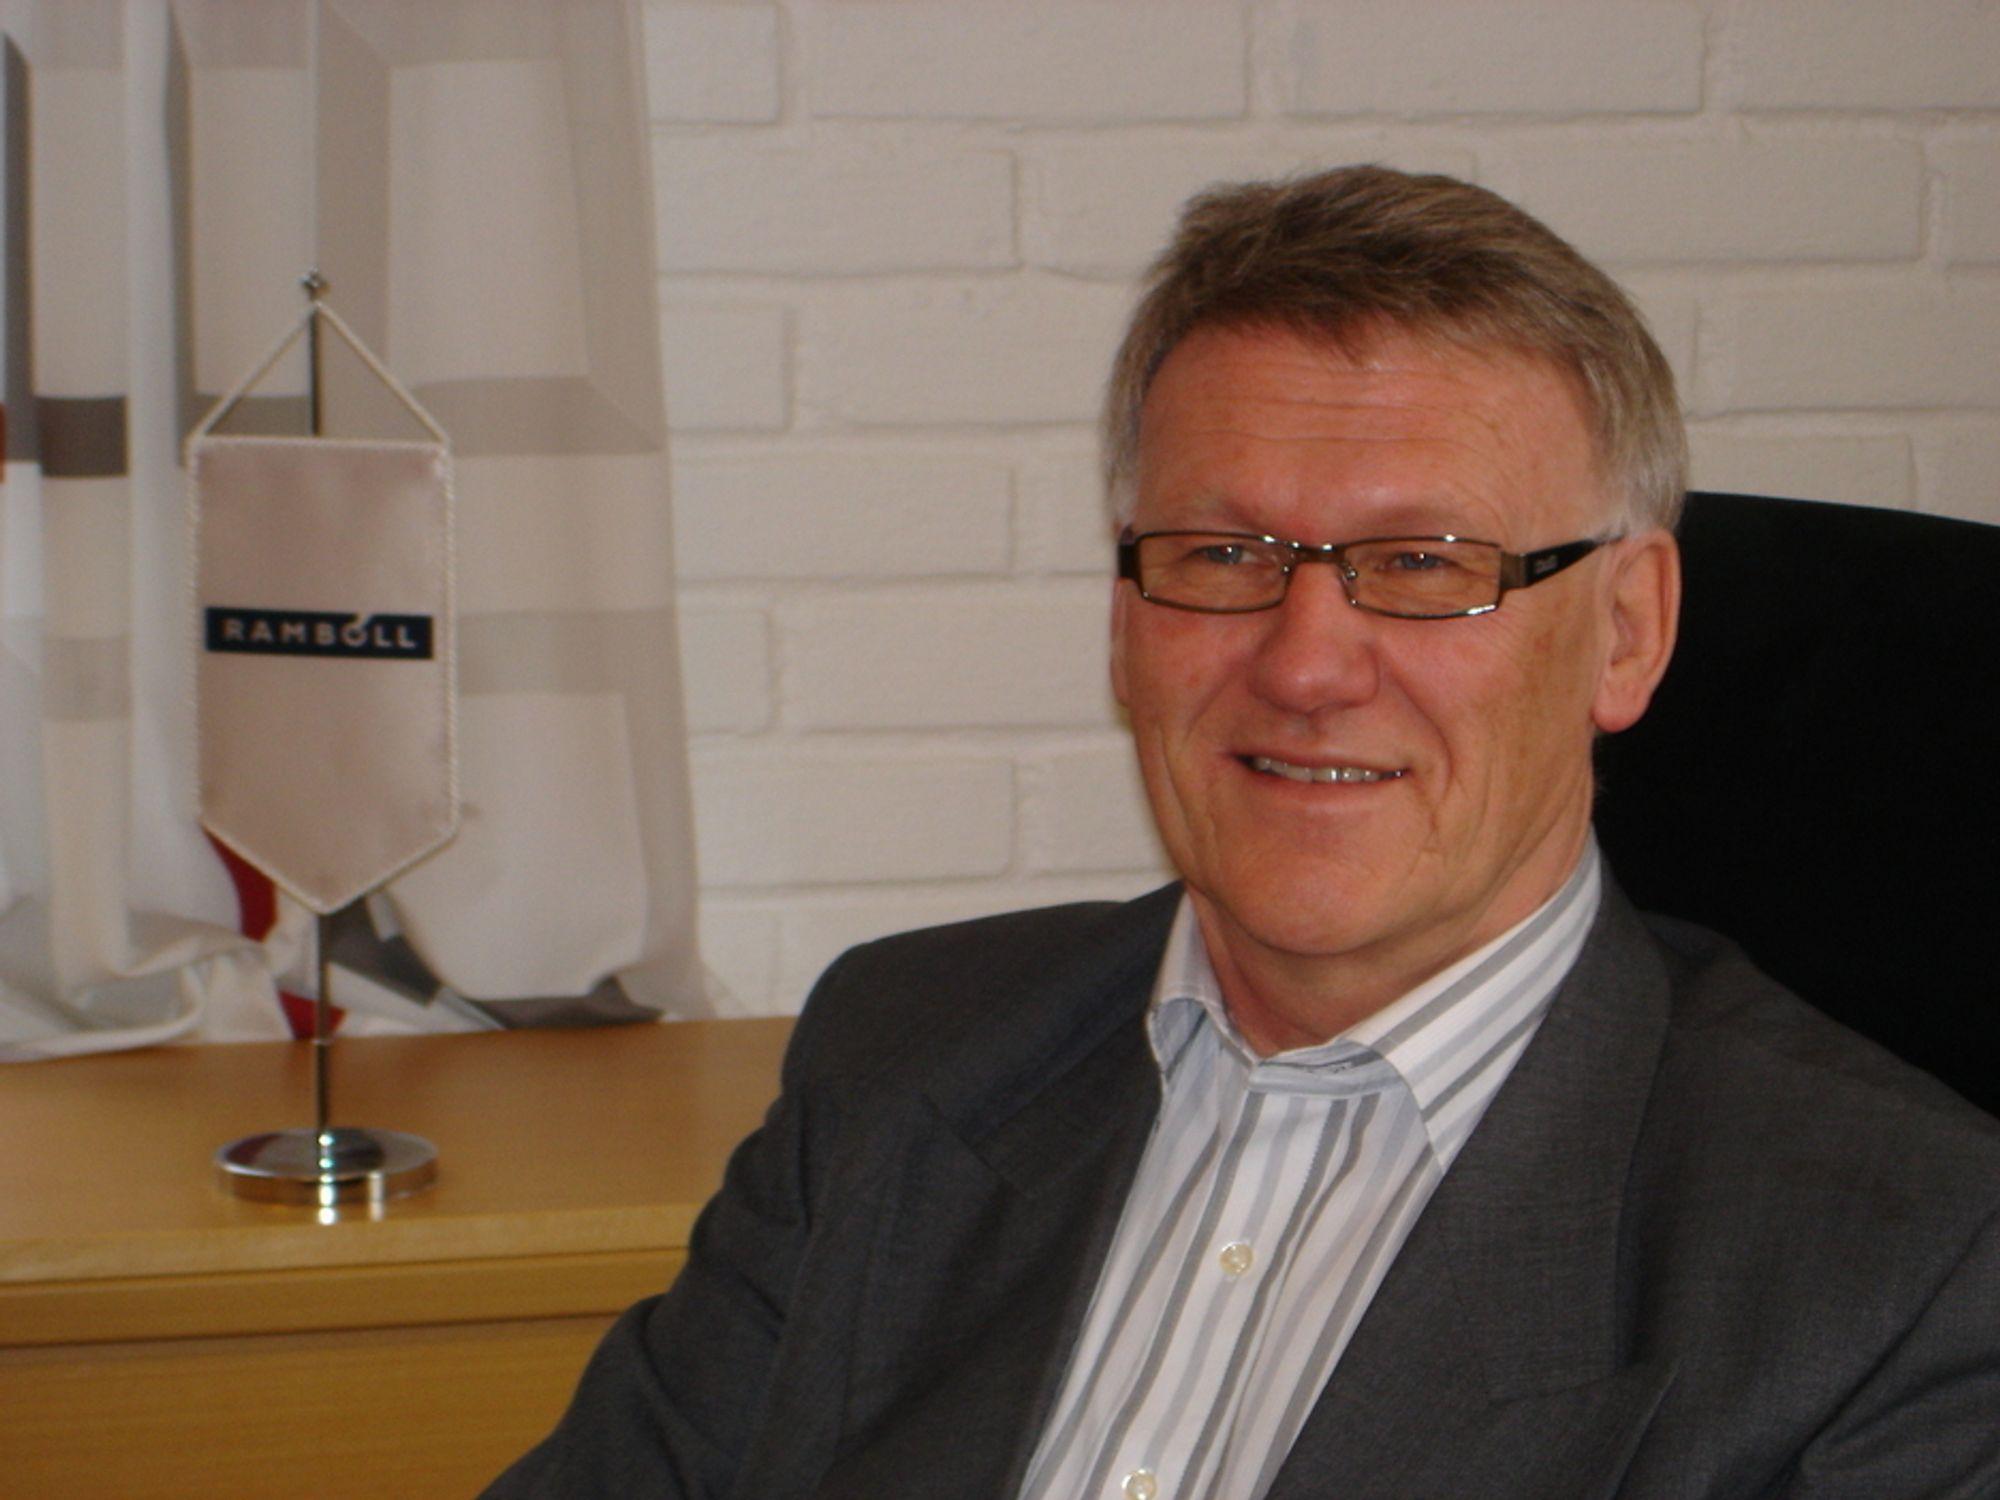 BYTTER BEITE: Administrerende direktør i Rambøll Norge, Jan Ove Holmen, blir ny toppleder i Steen & Strøm.